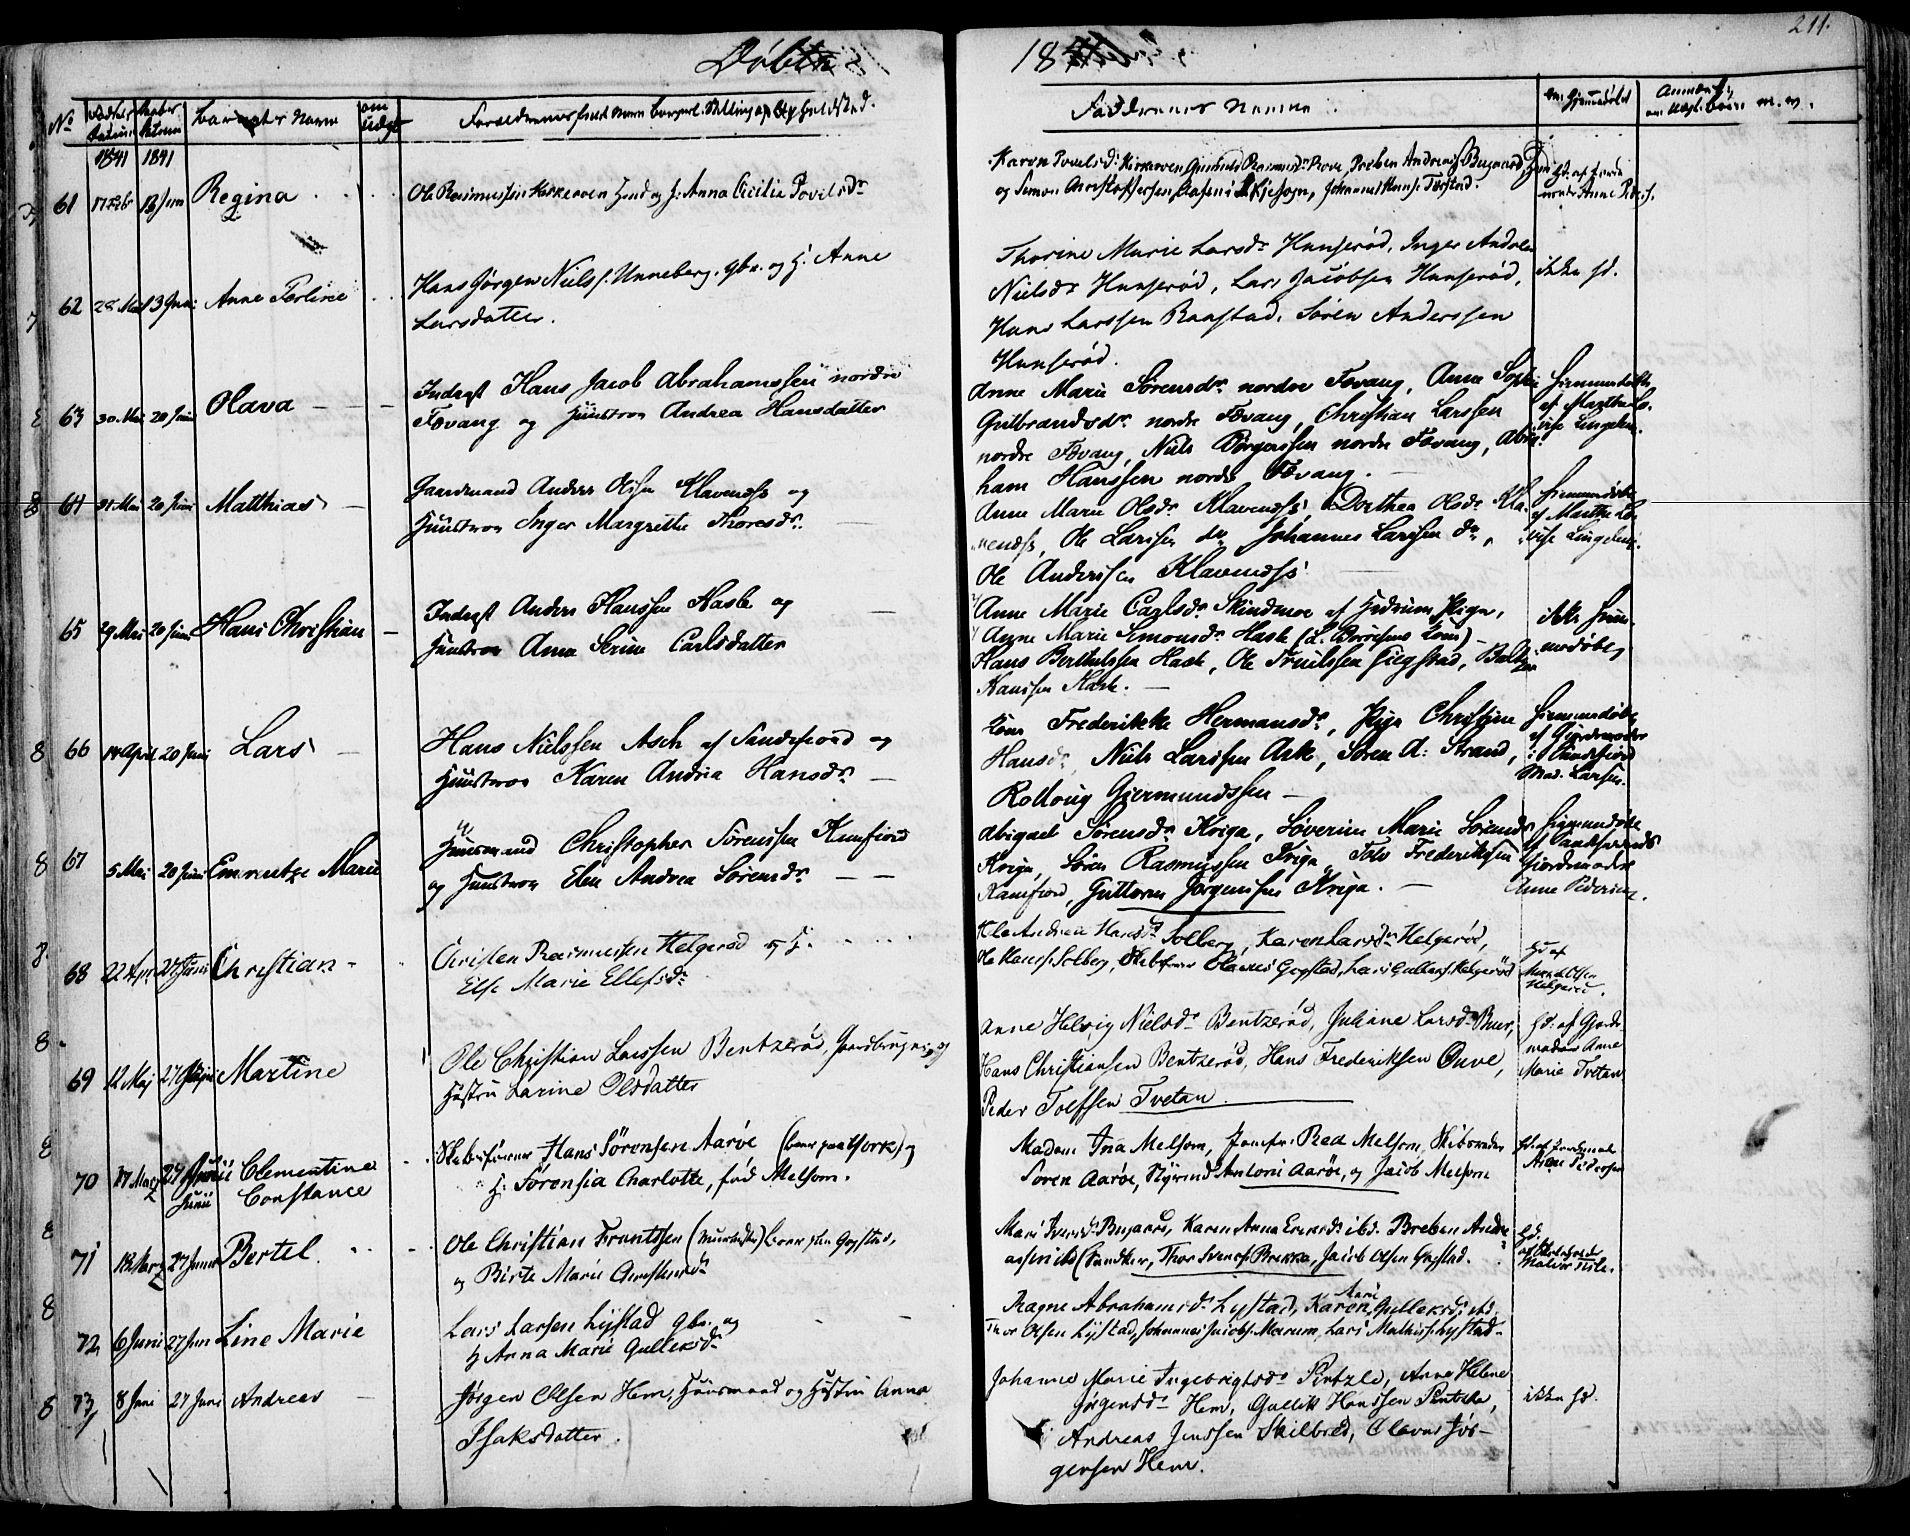 SAKO, Sandar kirkebøker, F/Fa/L0005: Ministerialbok nr. 5, 1832-1847, s. 210-211